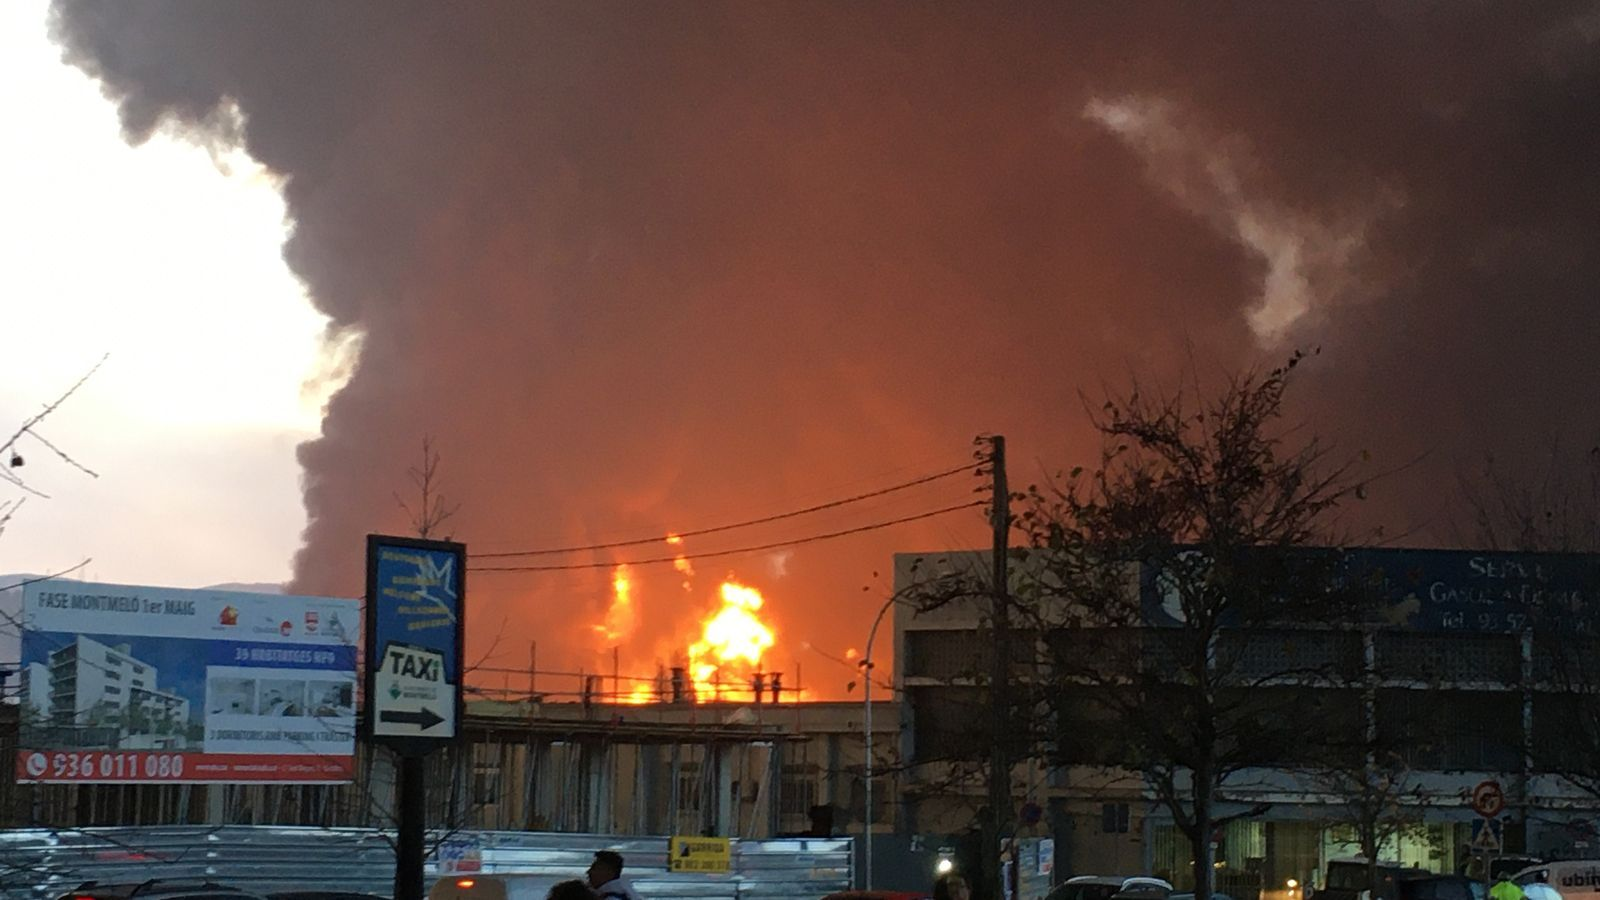 primers moments de l'incendi que afecta les instal·lacions d'una empresa de reciclatge de dissolvents i residus industrials